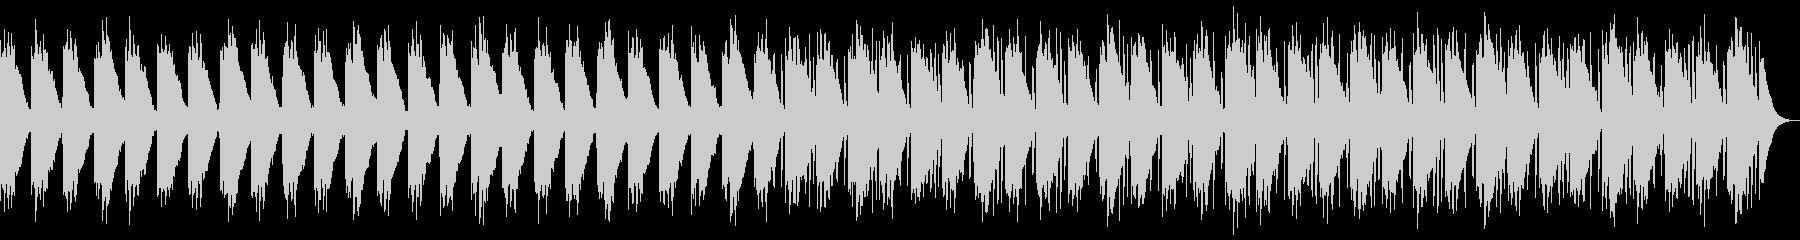 優しい琴の和風ヒーリングの未再生の波形